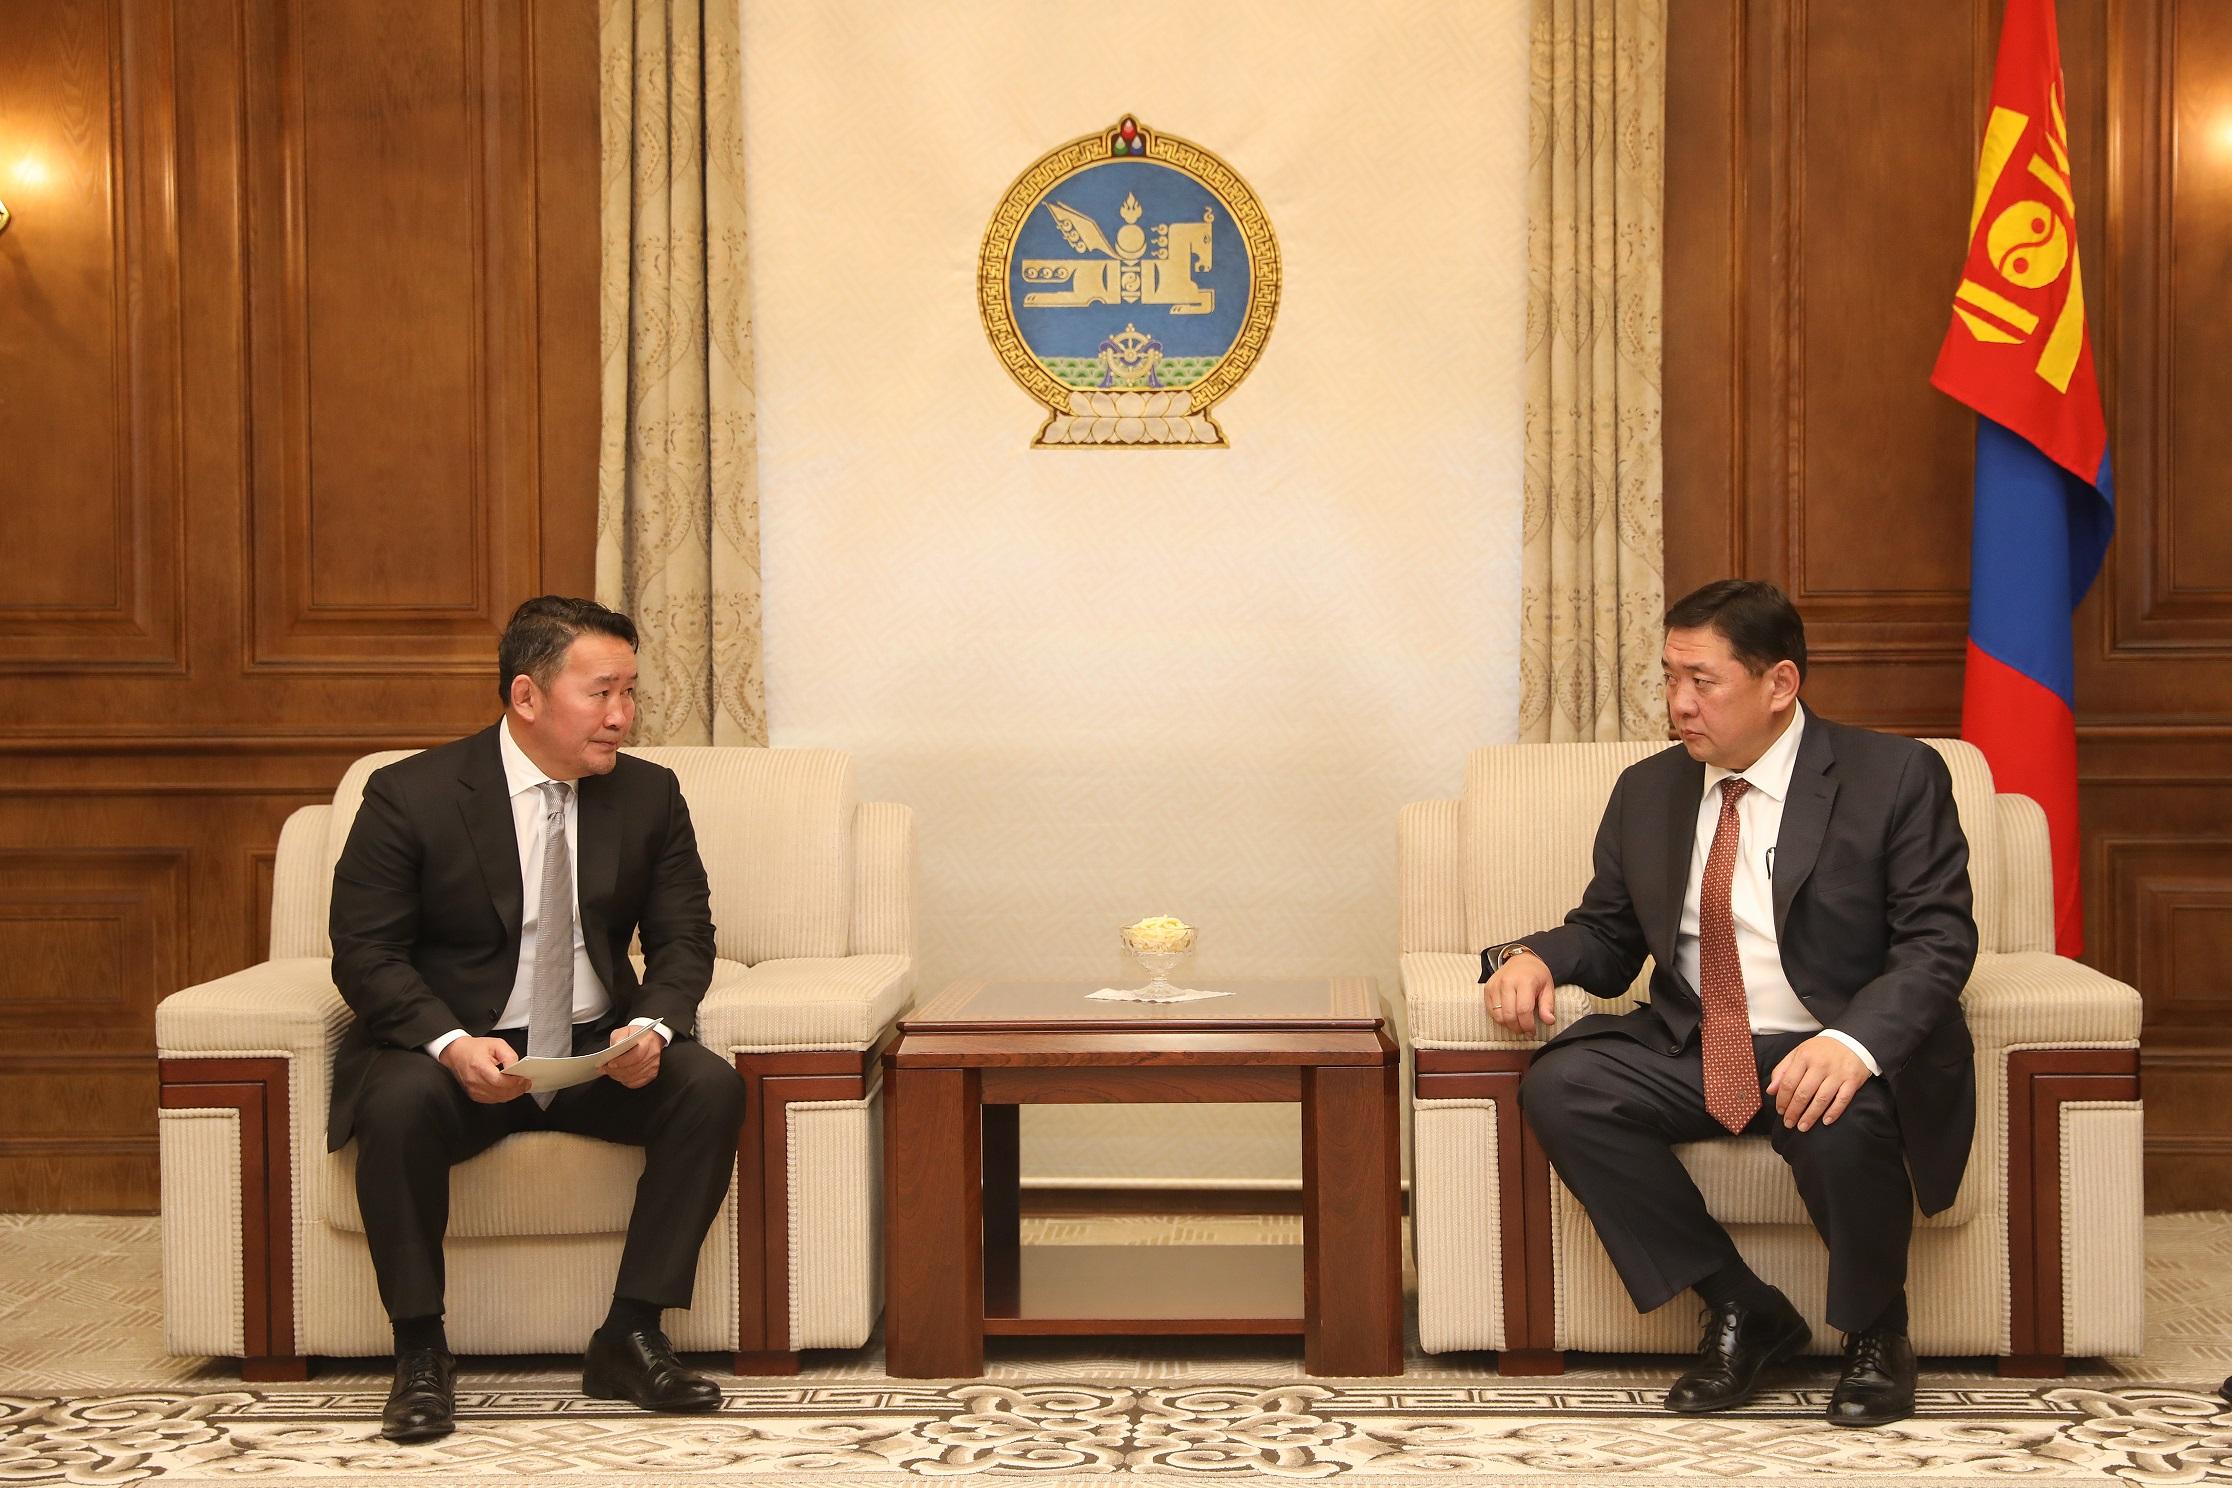 Монгол Улсын Ерөнхийлөгч Х.Баттулга Улсын Их Хурал бүрэн эрхээ хэрэгжүүлэх боломжгүй гэж үзэж өөрөө тарах шийдвэр гаргахыг Улсын Их Хуралд санал болгох тухай асуудлыг зөвшилцөхөөр хүргүүллээ